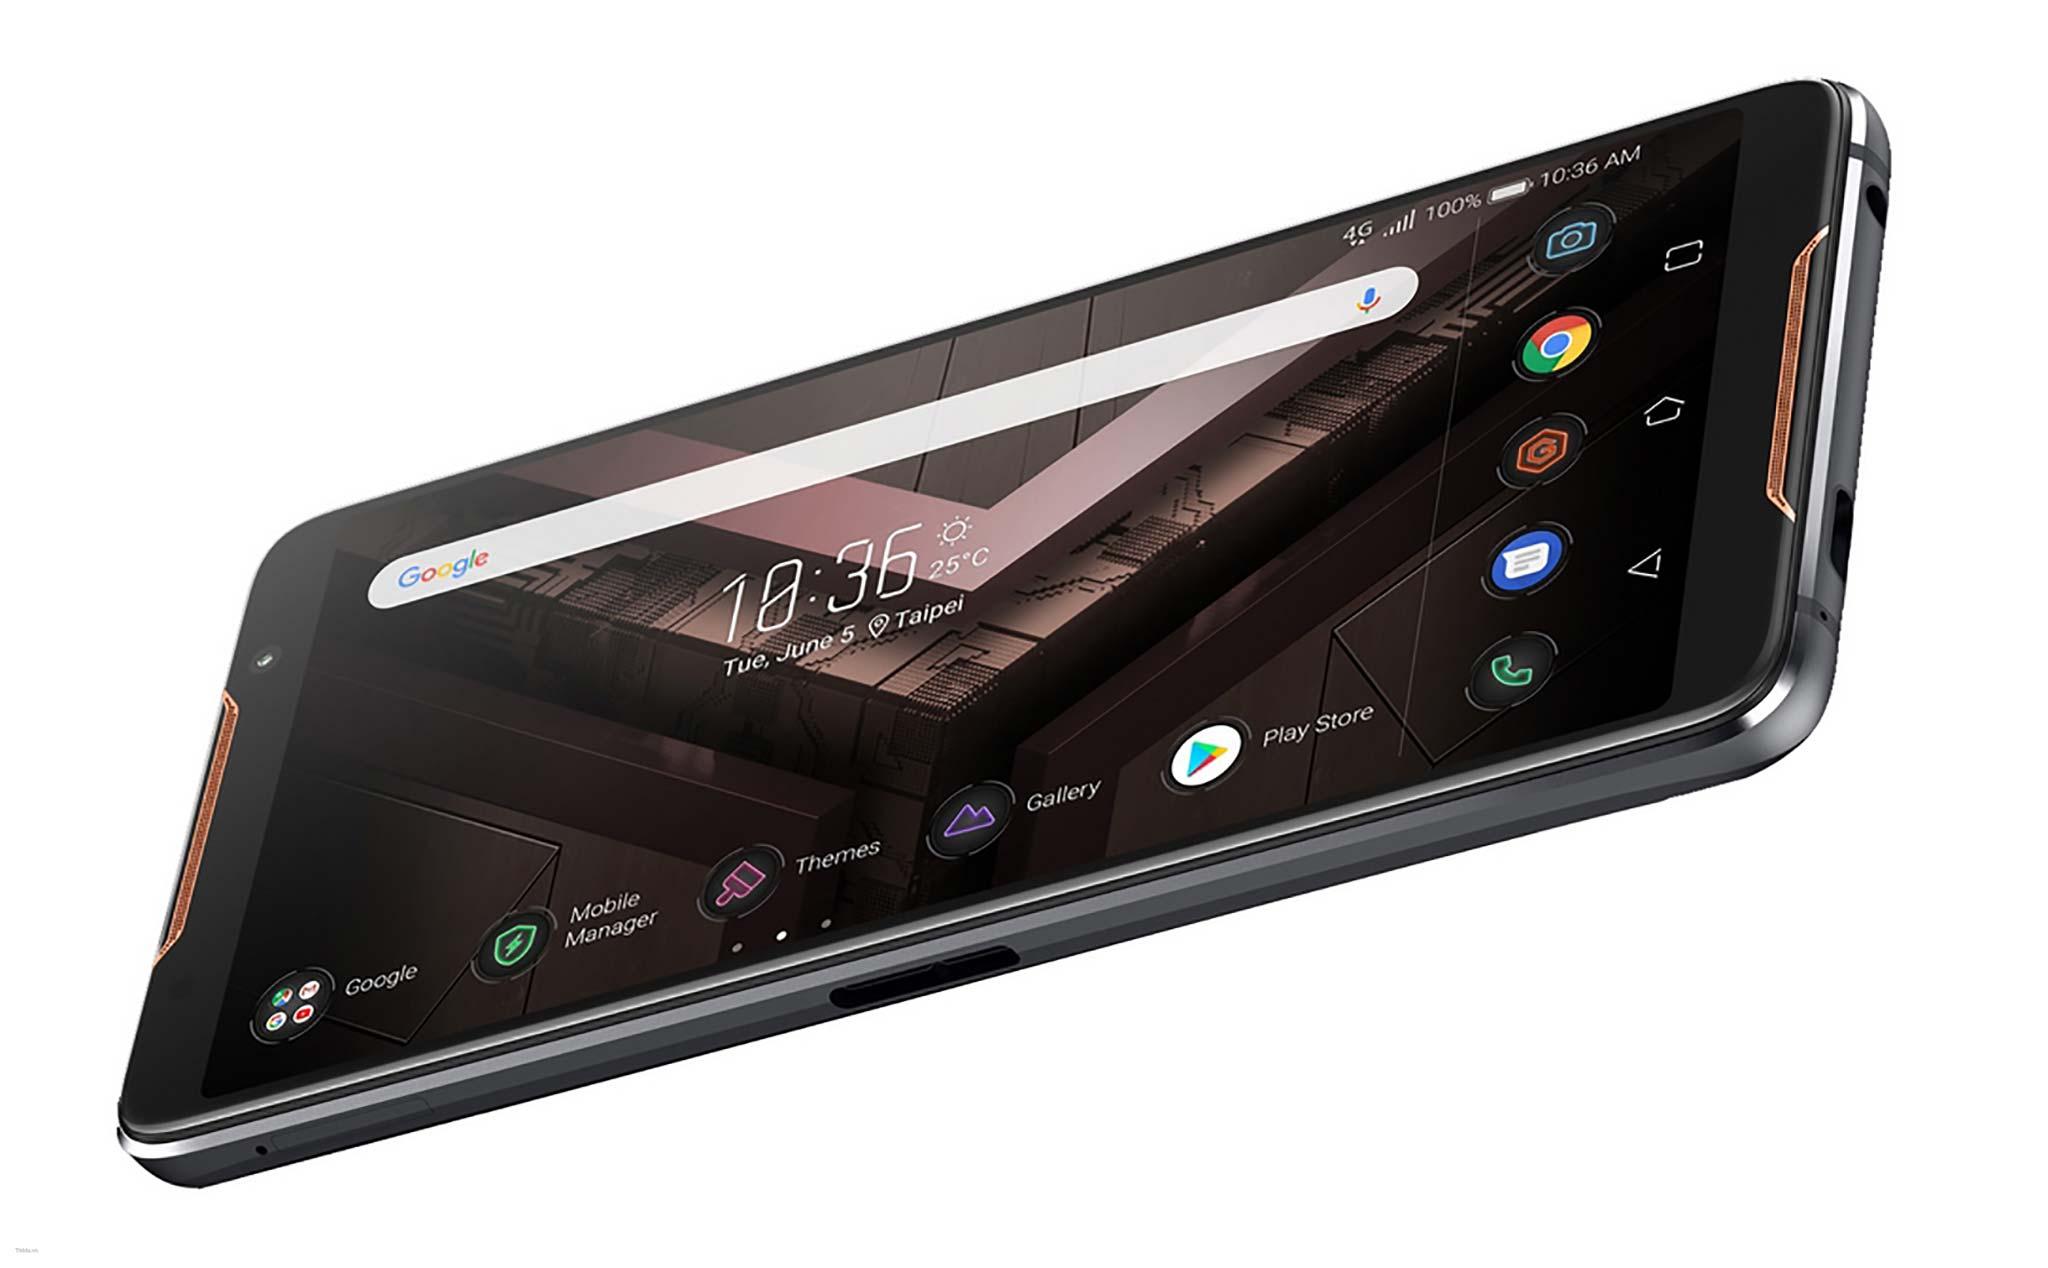 Rog Phone Gamingphone Toi Tan Vua Doc Vua La Cua Asus 05